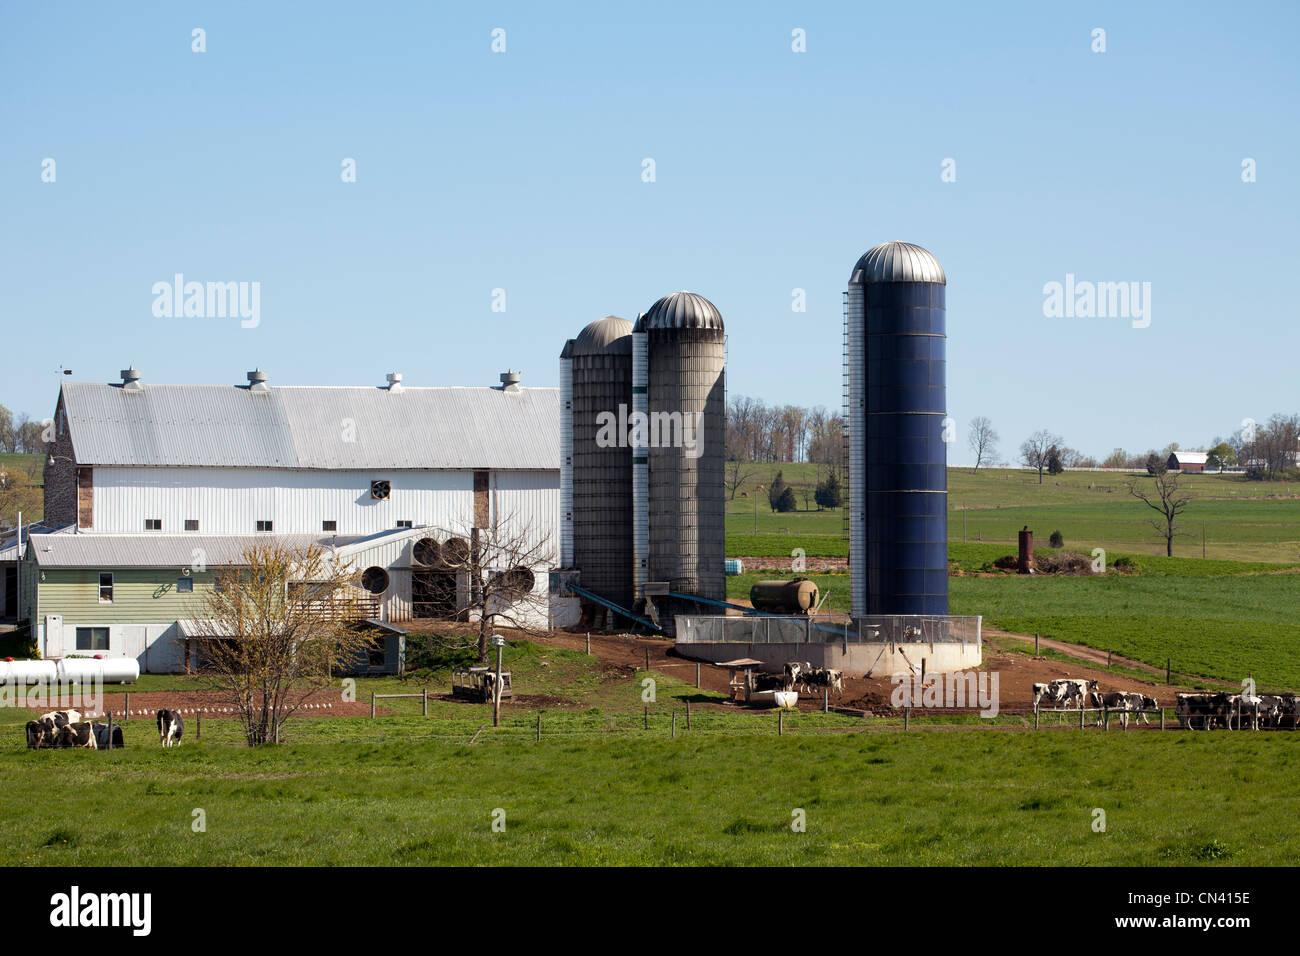 Mennonite Amish farm dans le comté de Lancaster en Pennsylvanie aux États-Unis. Photo Stock